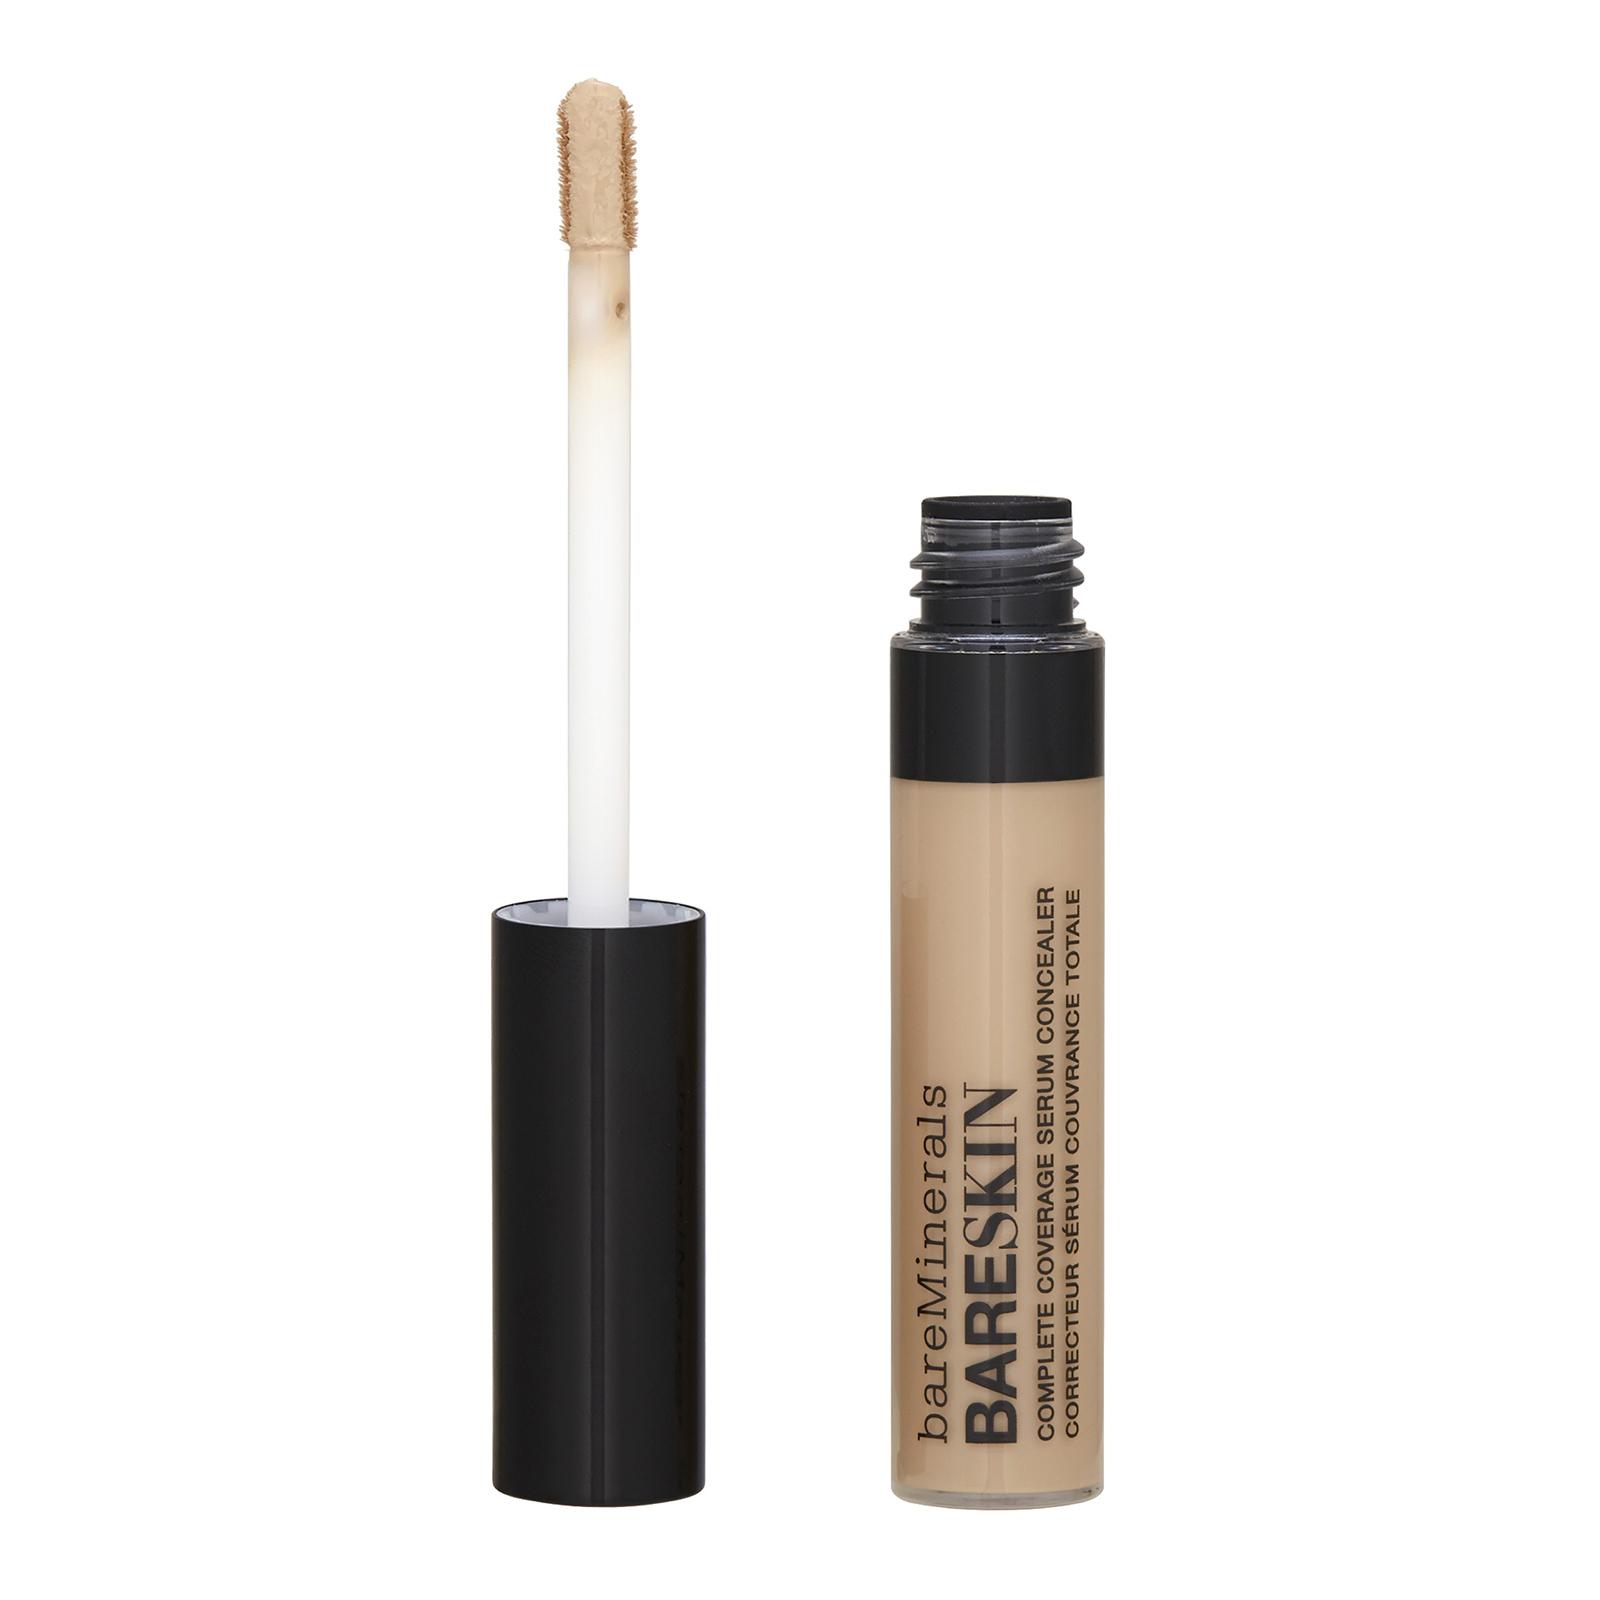 bareMinerals Bareskin  Complete Coverage Serum Concealer Medium Golden, 0.2oz, 6ml